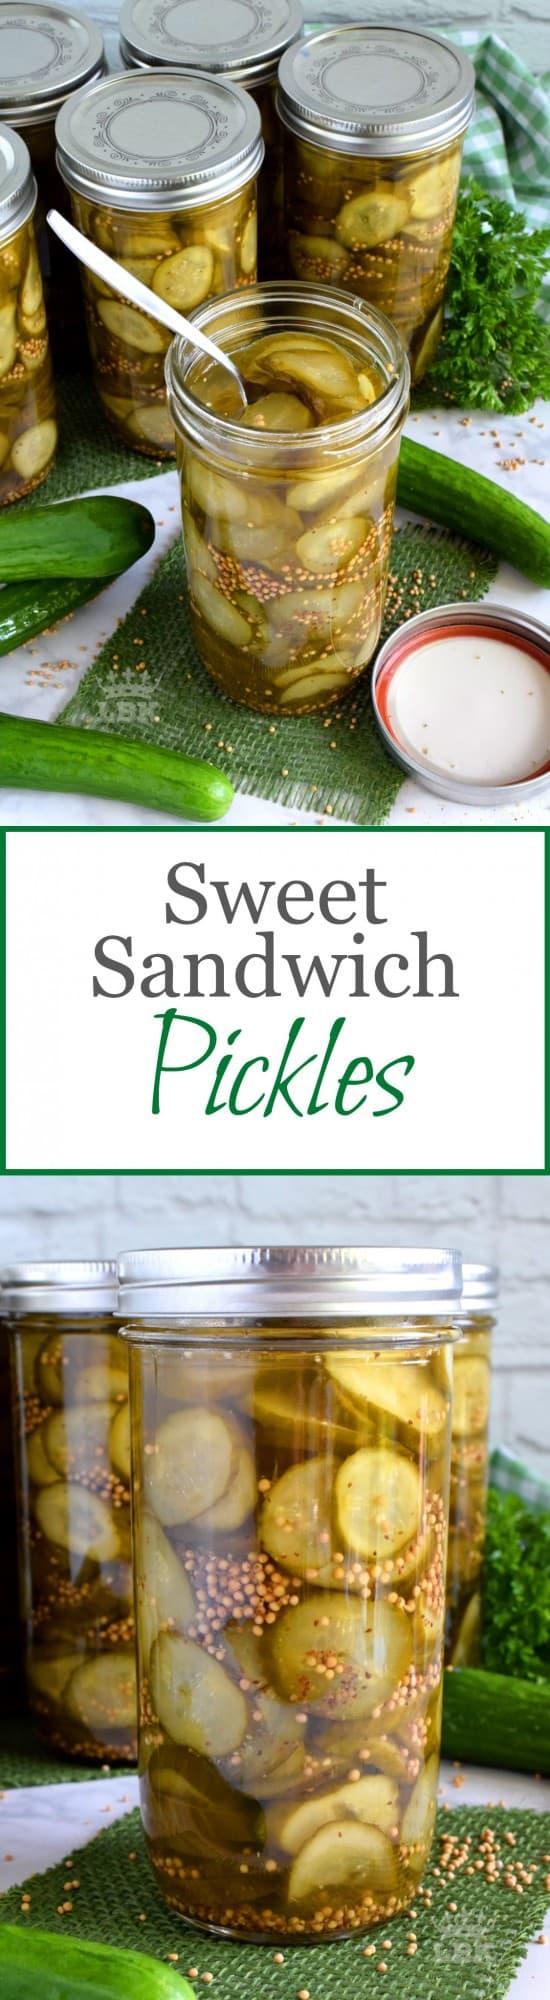 Sweet Sandwich Pickles